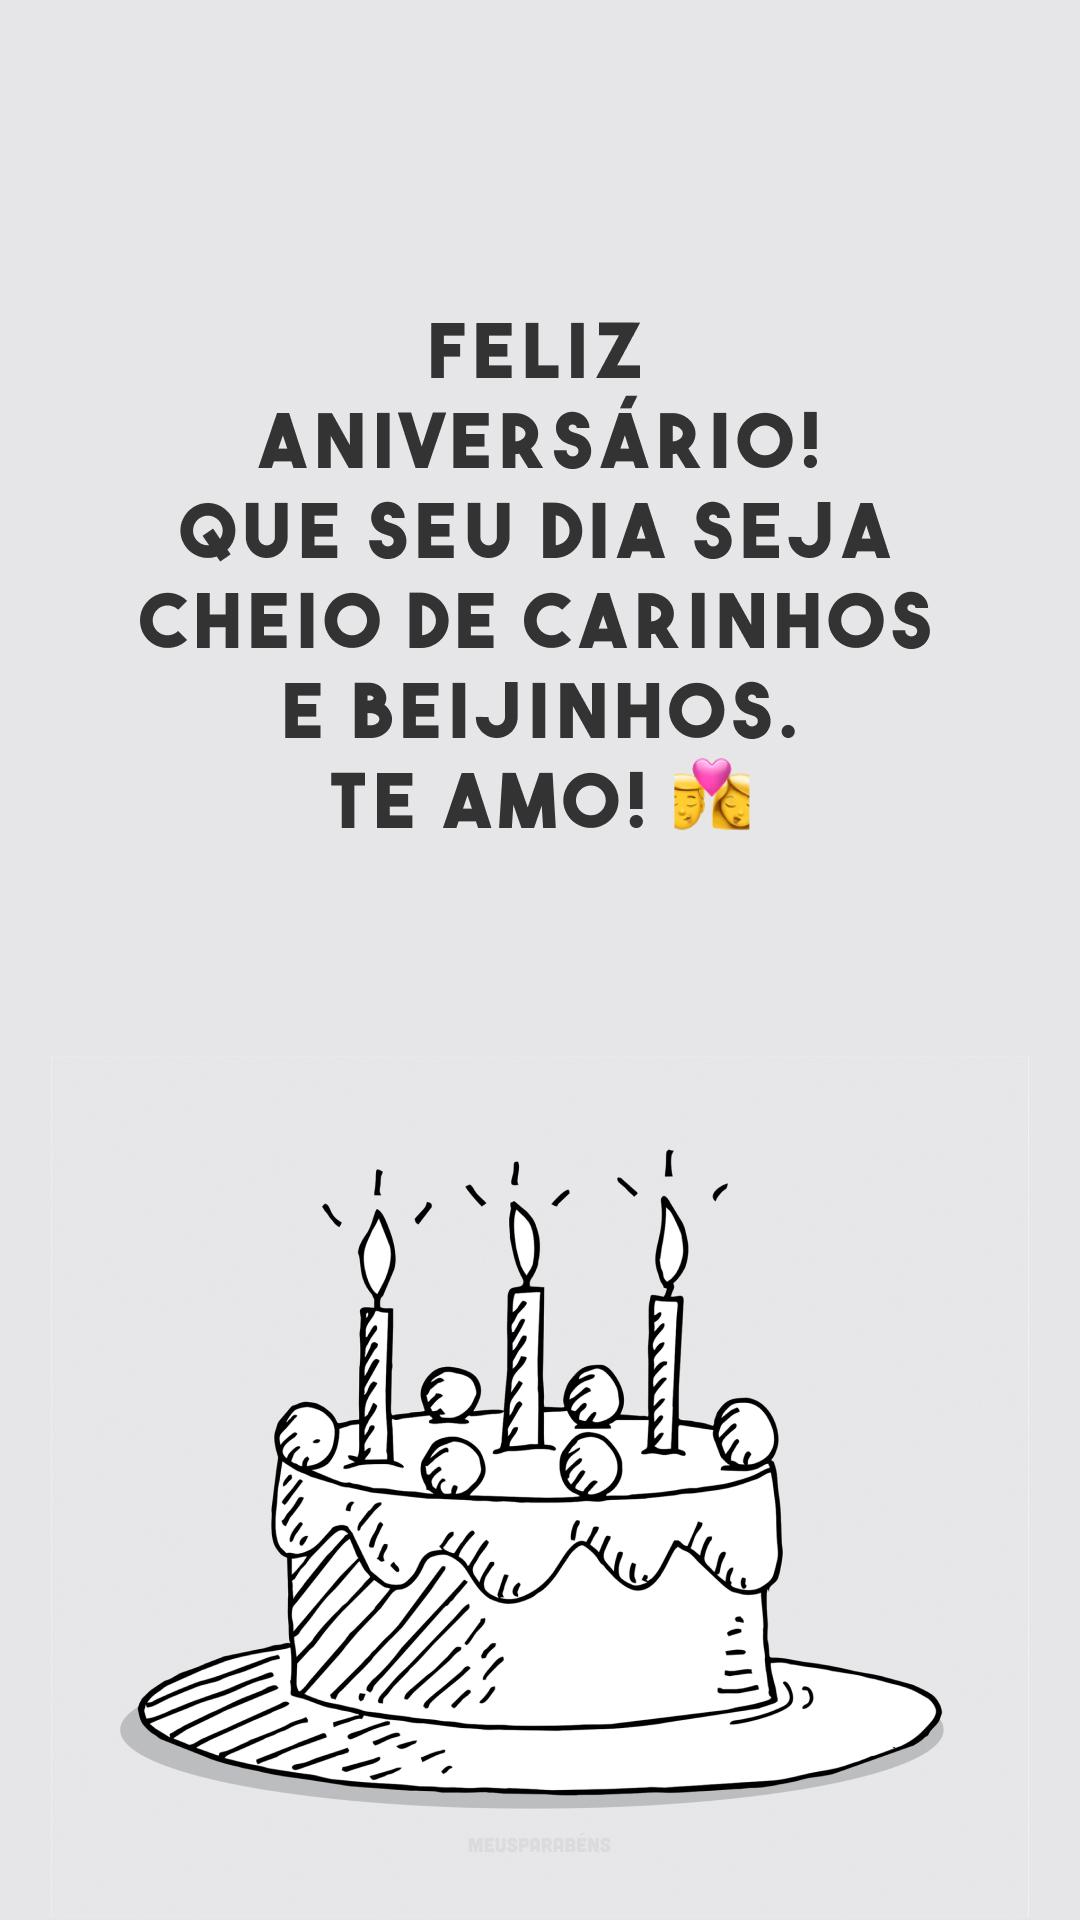 Feliz aniversário! Que seu dia seja cheio de carinhos e beijinhos. Te amo! 💏